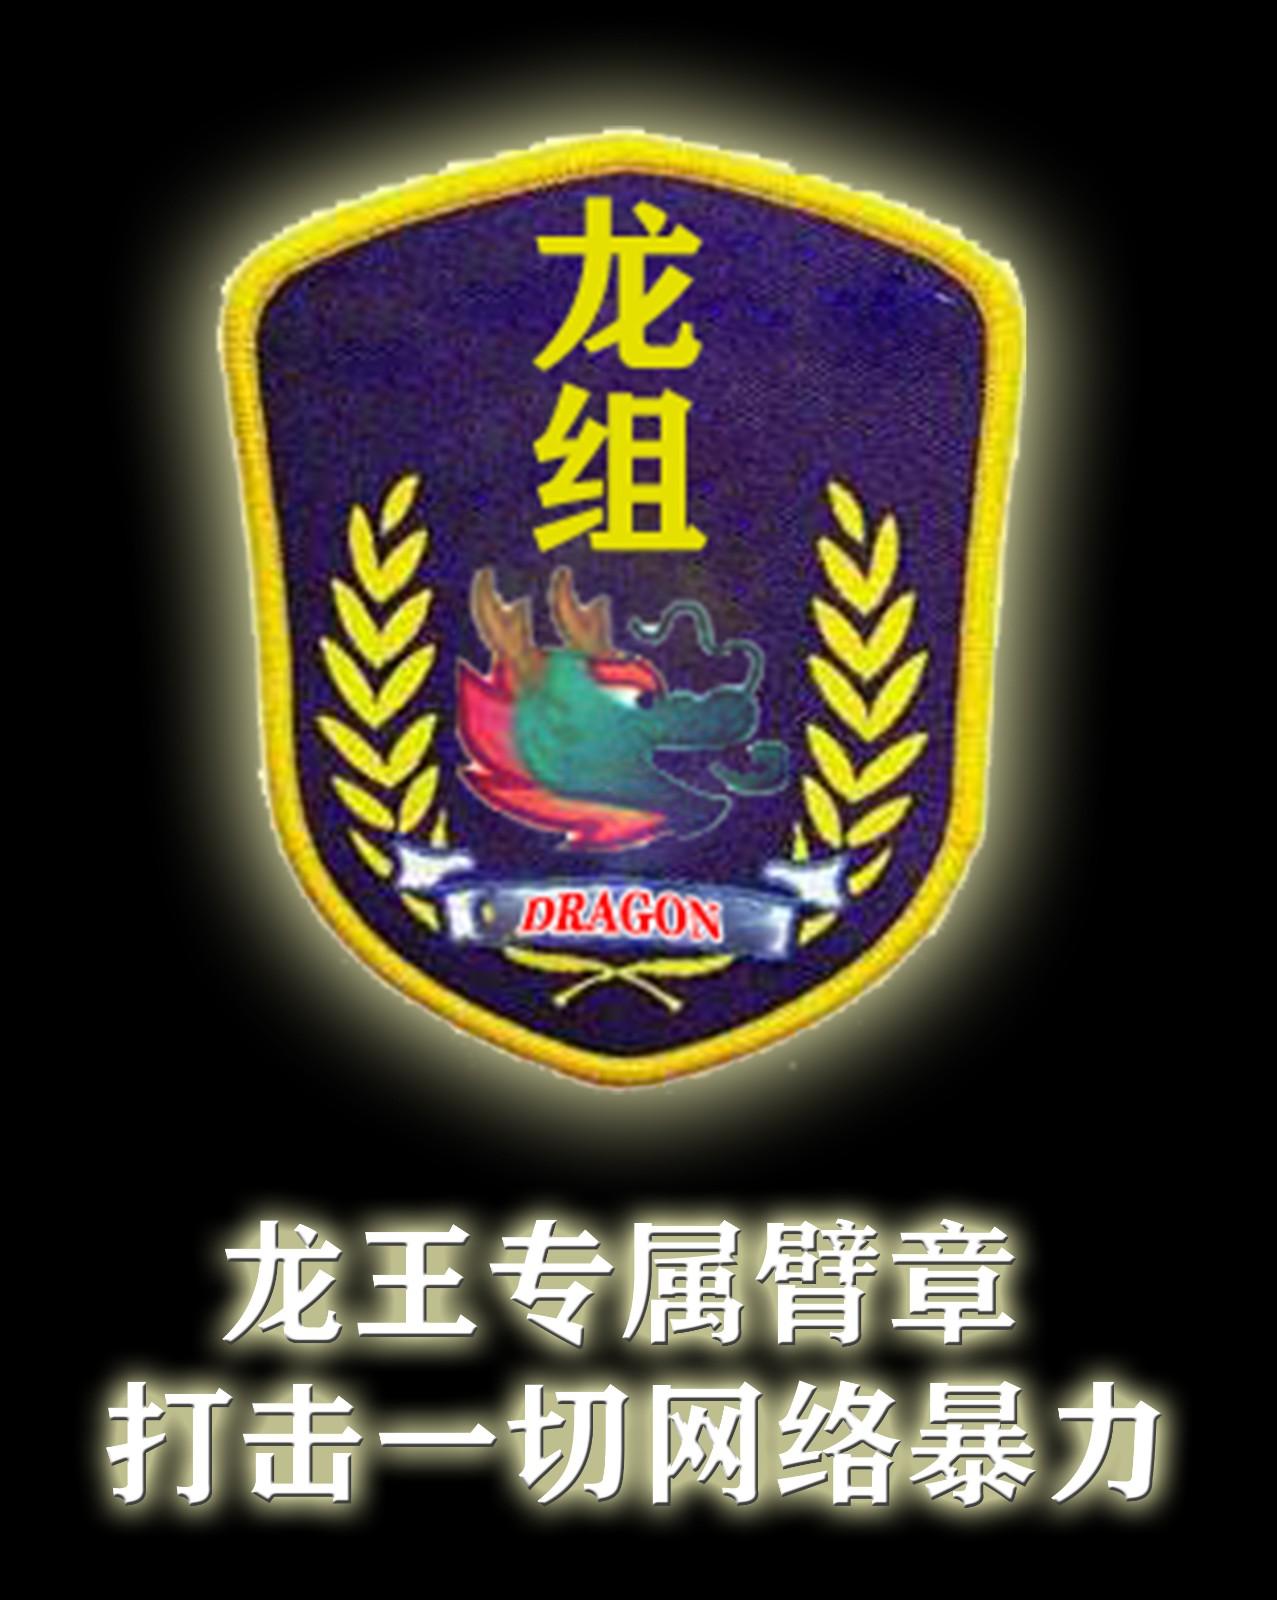 龙王专属臂章,打击一切网络暴力